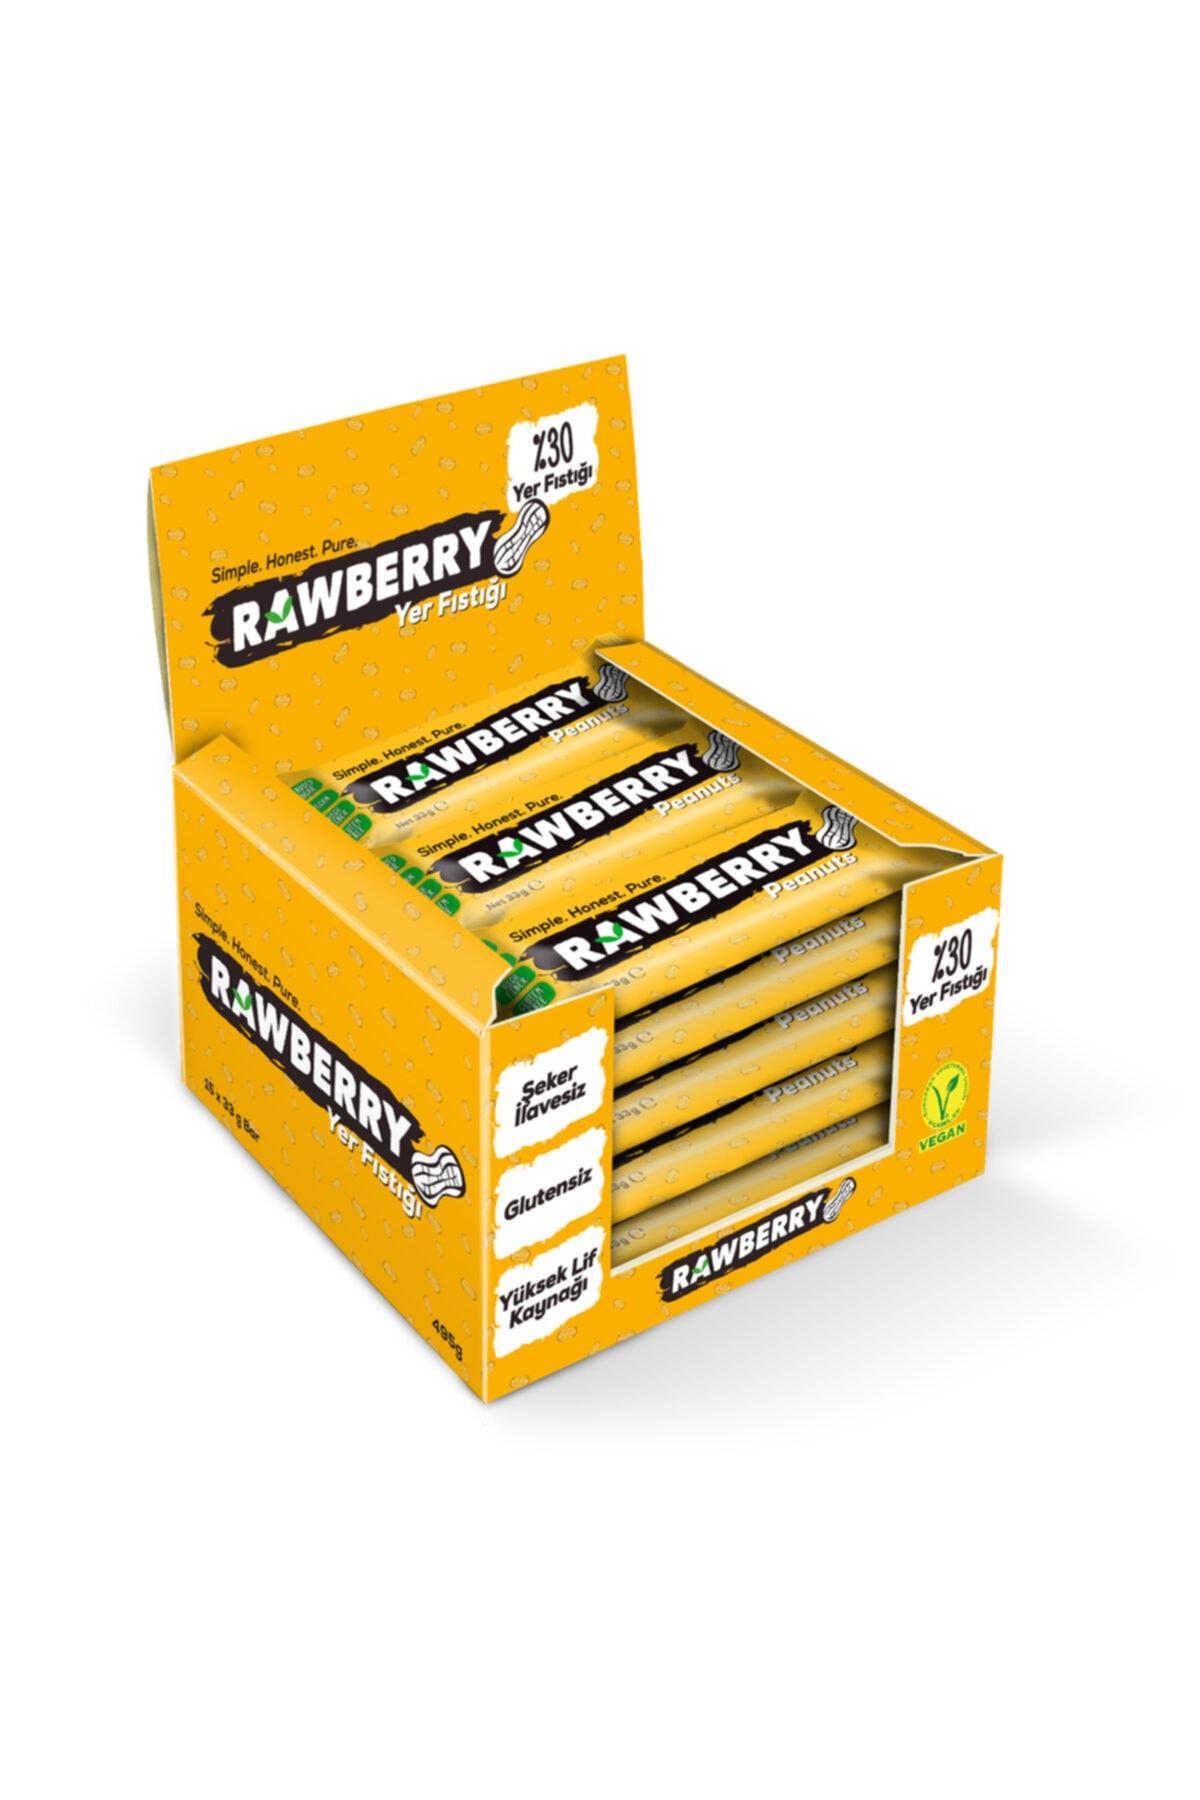 Rawberry Yer Fıstıklı Şeker Ilavesiz Vegan Glutensiz Kuruyemiş Bar (kutuda 15 Adet) 1